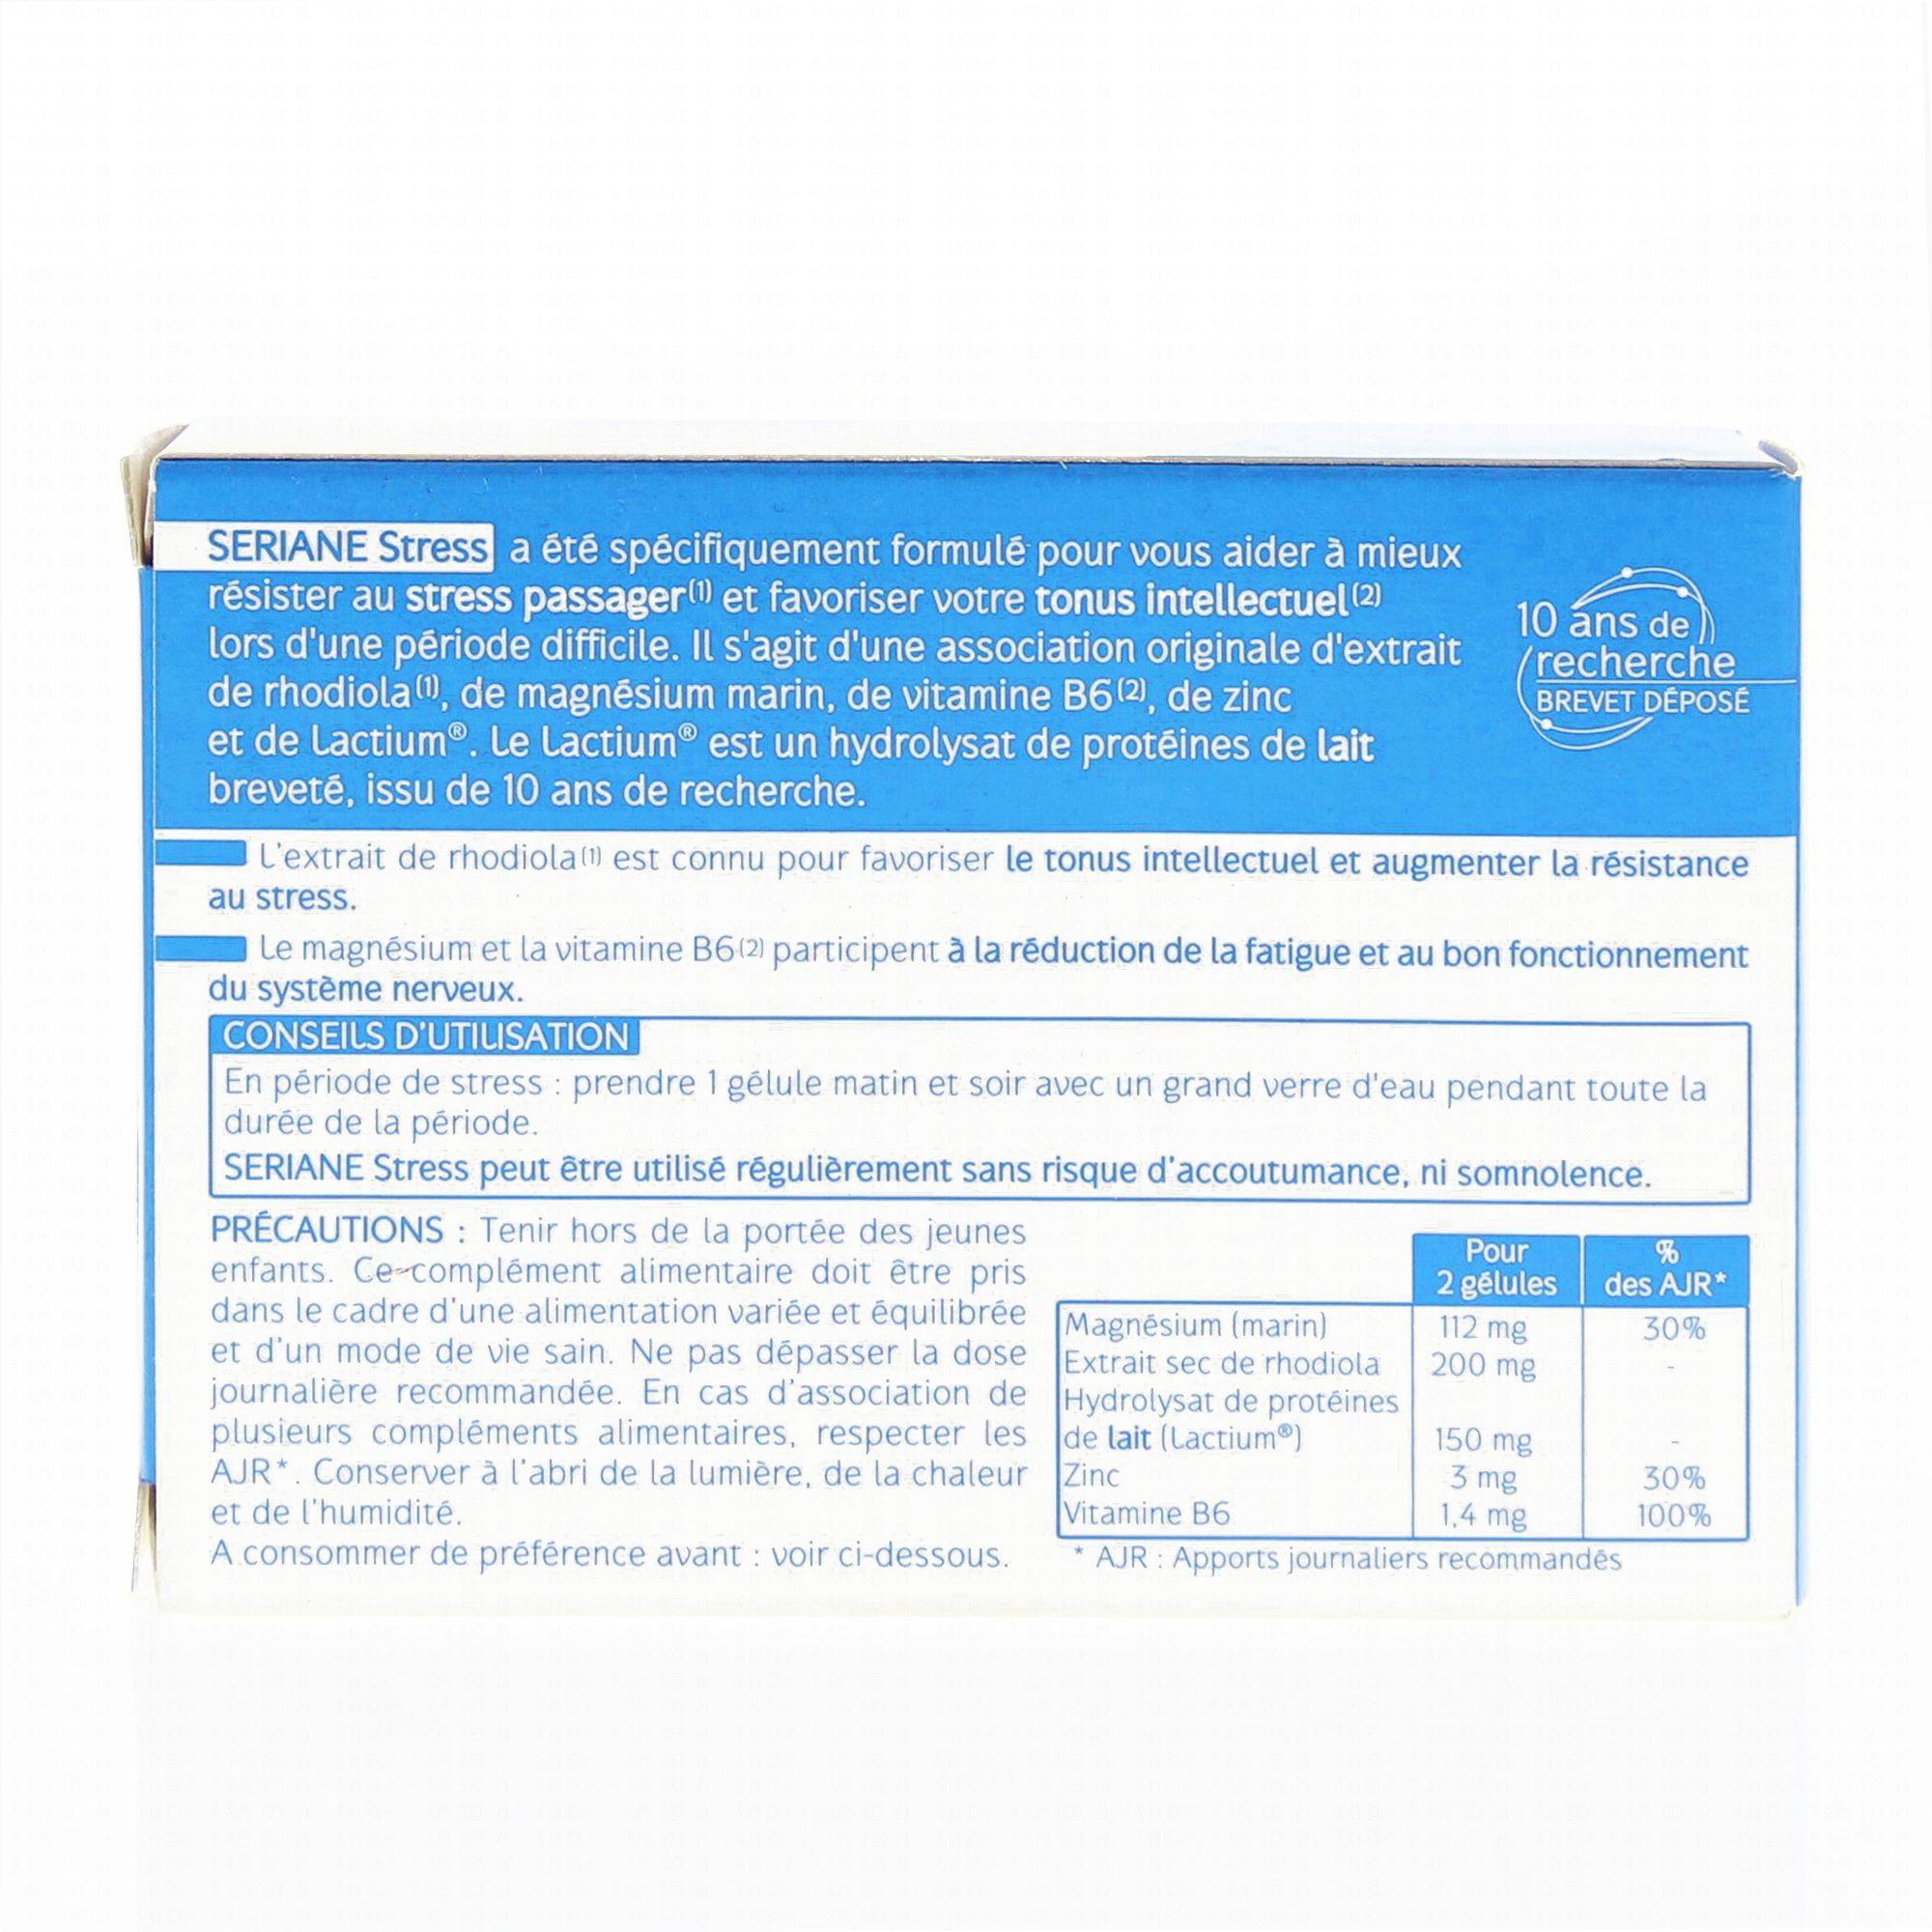 Supradyn magnesia carabiens le forum - Pharmacie en ligne frais de port gratuit ...